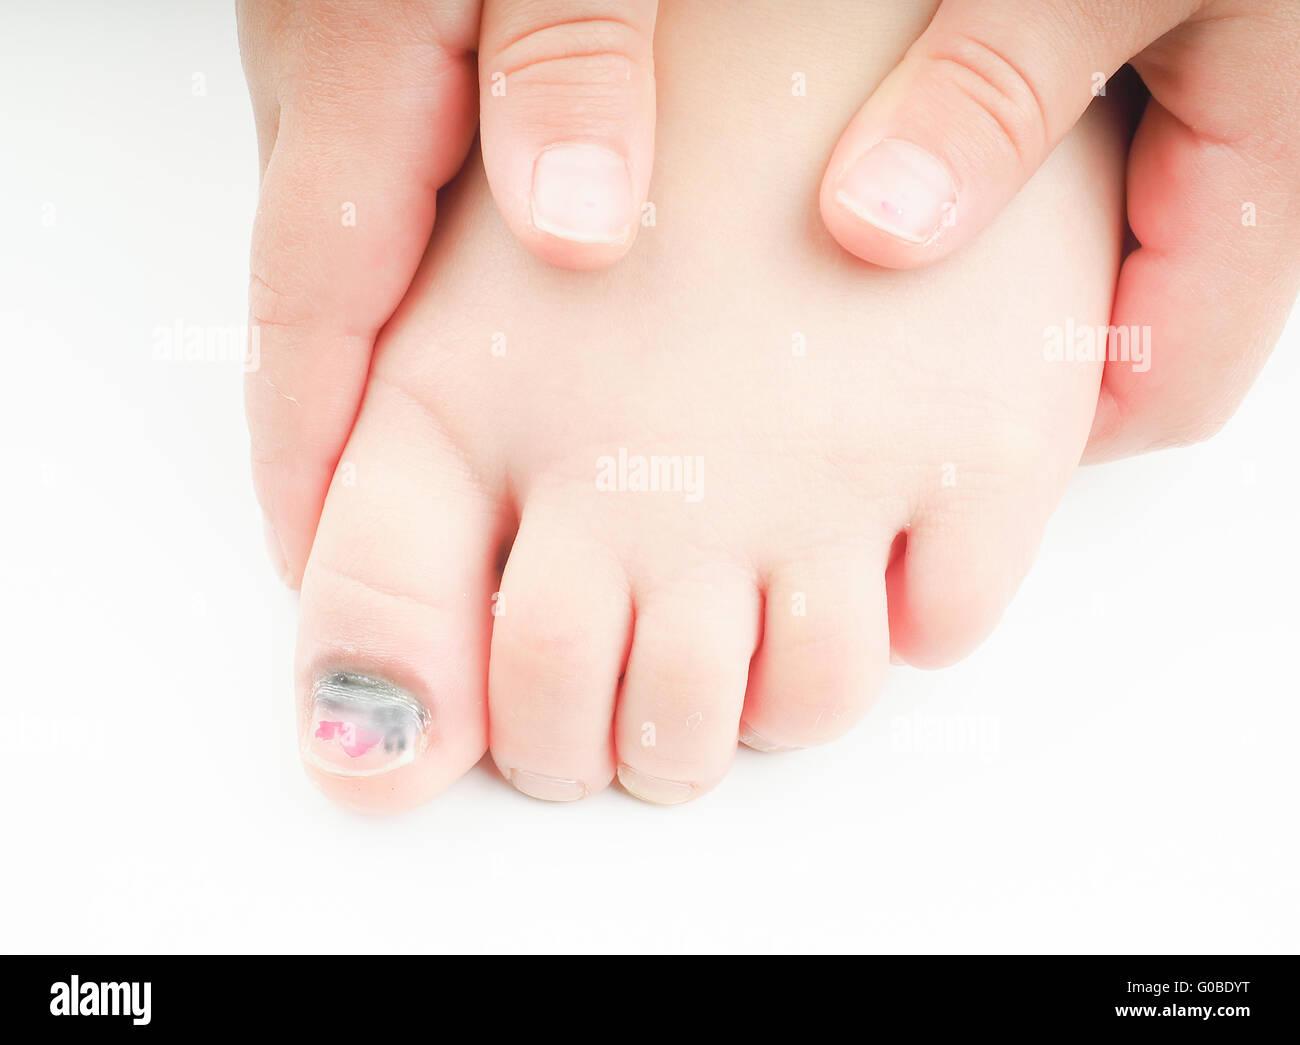 Kleines Mädchen mit einem blauen Nagel auf Hallux Zeh Stockfoto ...